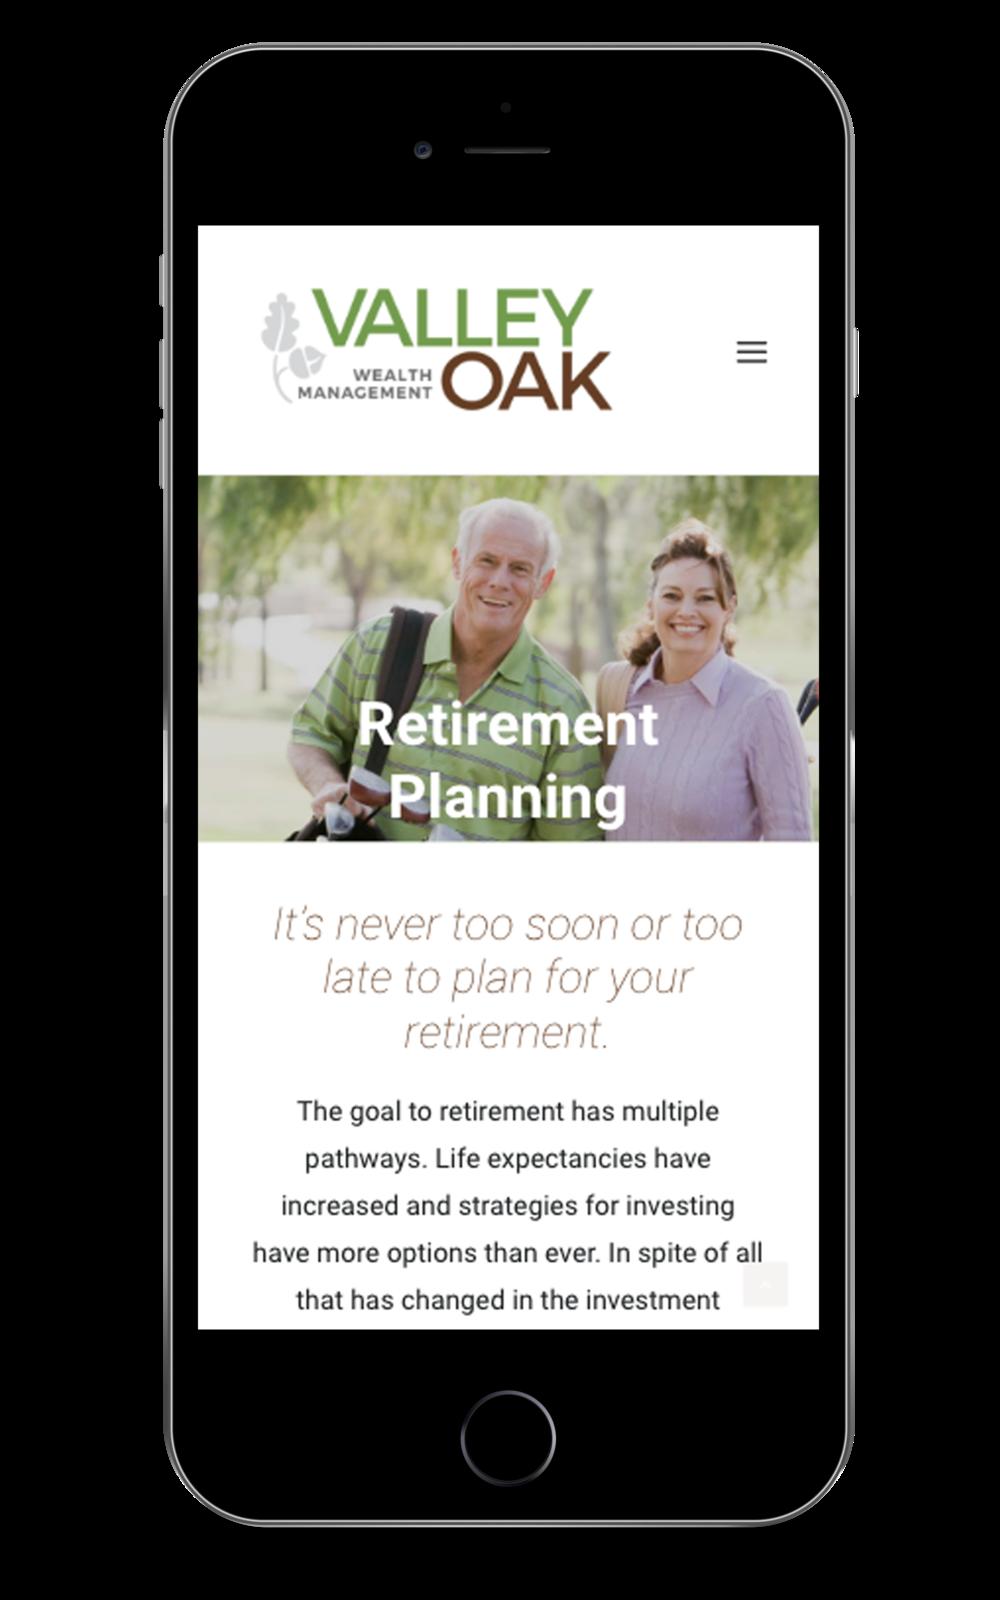 Valley Oak_iphone-7-plus_mockup_v2.png